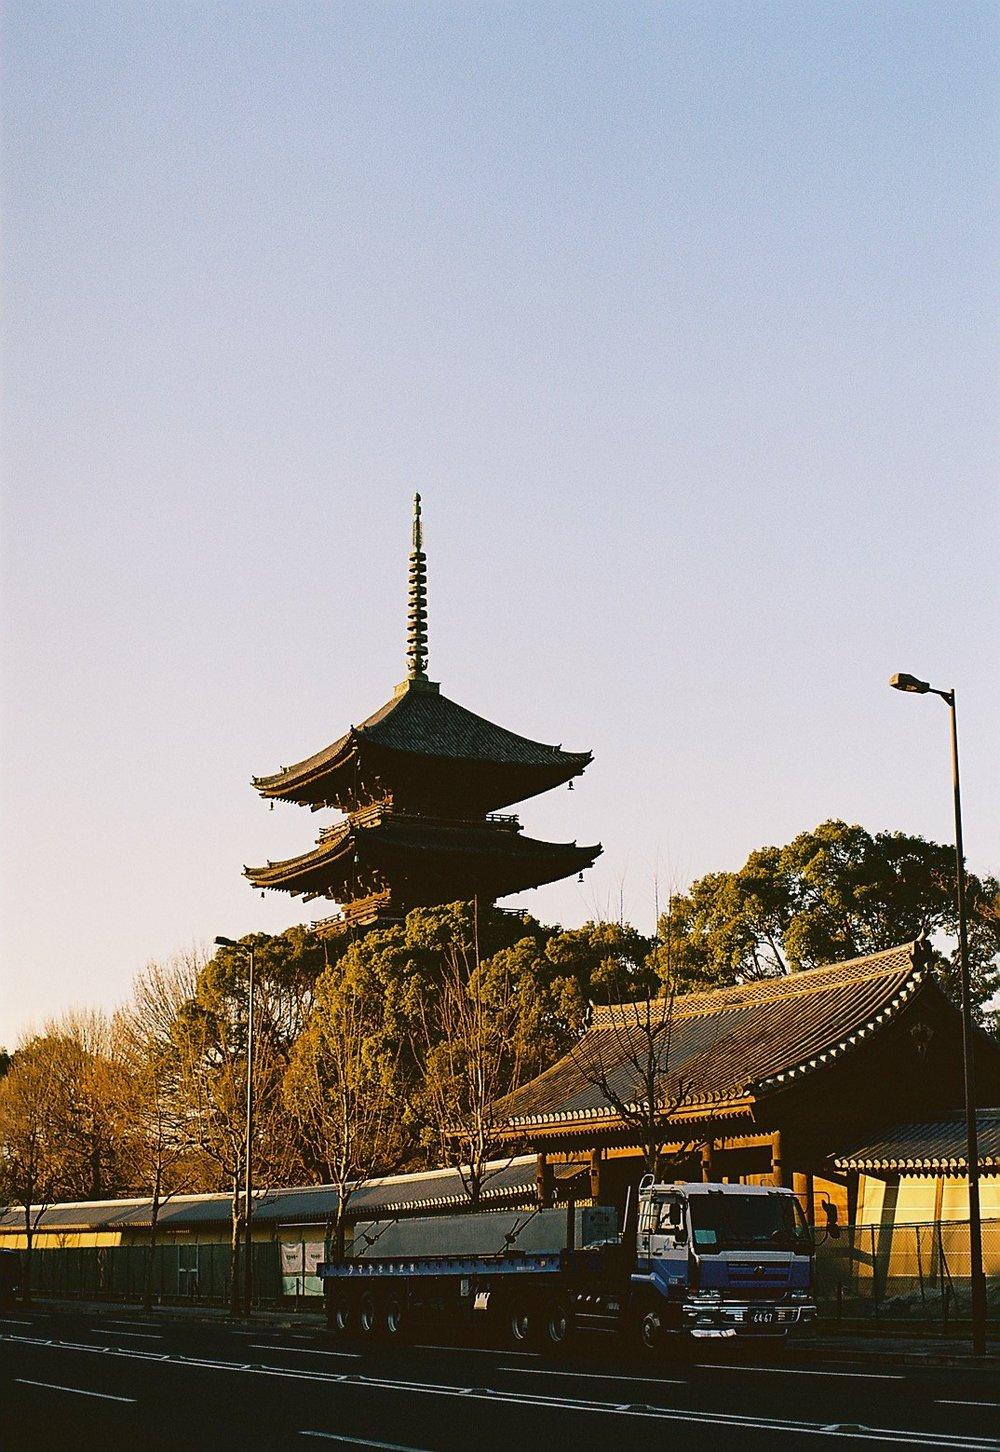 木造建築は何百年持つ。現代建築はせいぜい何十年ですよ。なんでよ?(京都東寺五重の塔遠景、1644年の再建の5代目建築 photo by EDo-mae)